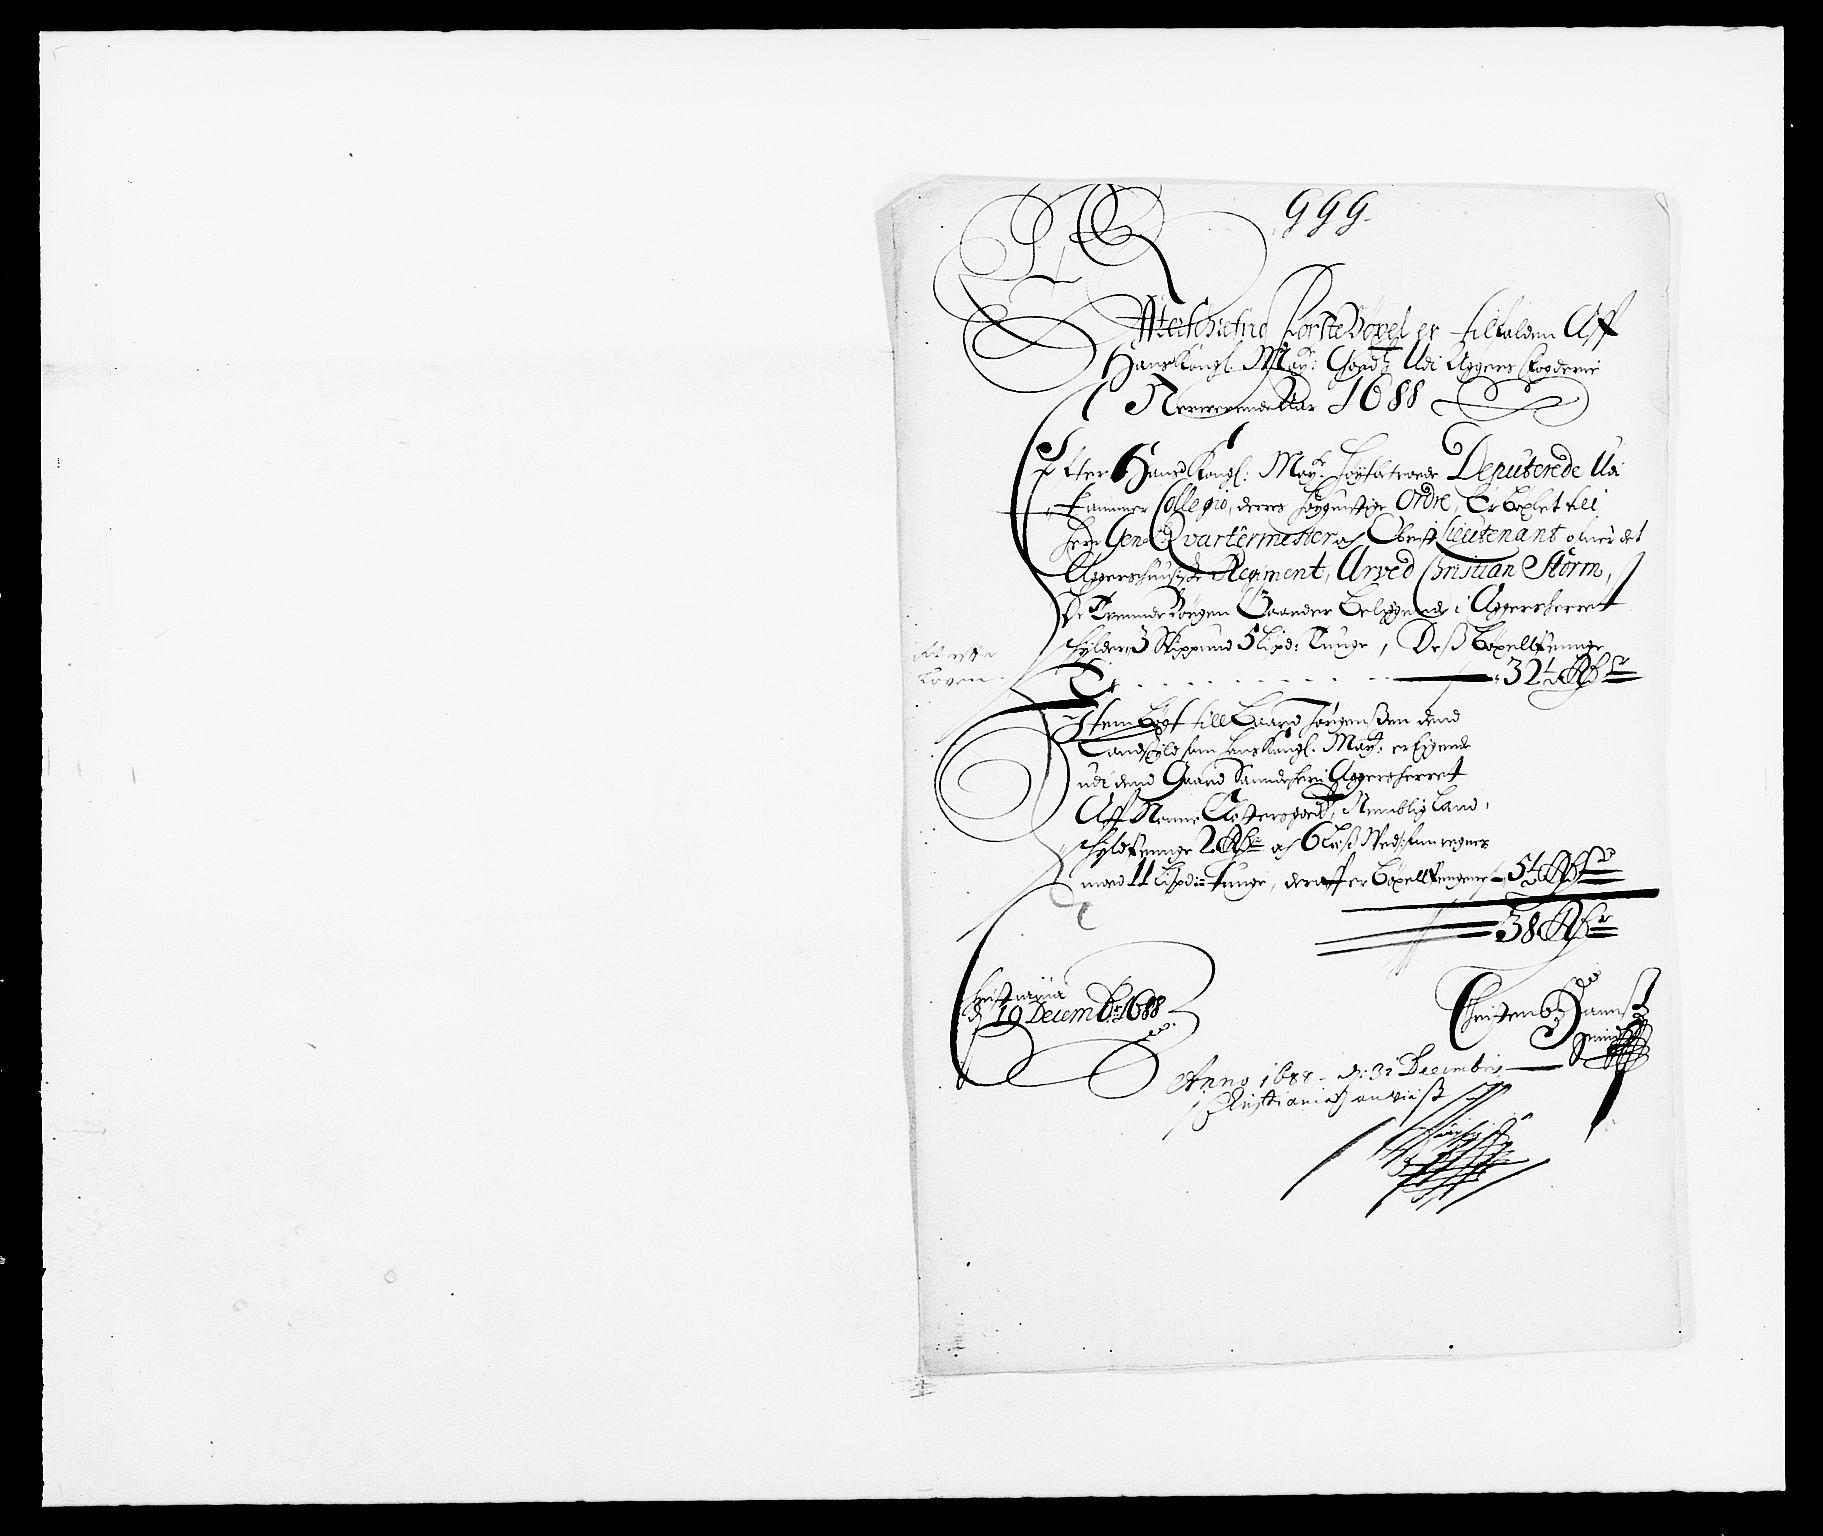 RA, Rentekammeret inntil 1814, Reviderte regnskaper, Fogderegnskap, R08/L0422: Fogderegnskap Aker, 1684-1686, s. 291